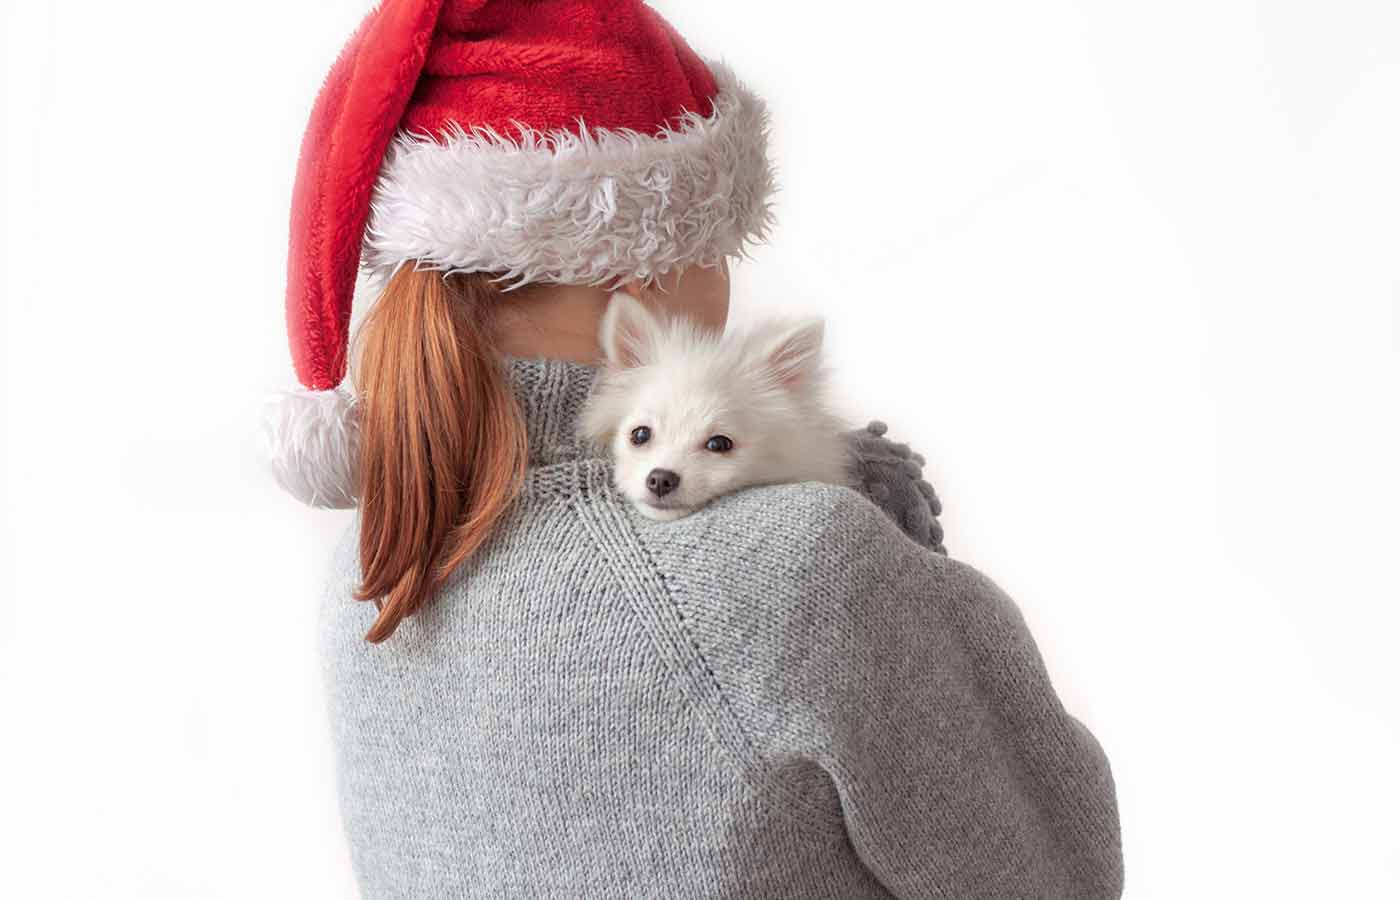 Hay que saber al regalar una mascota por navidad que este pasa a ser un miembro de la familia